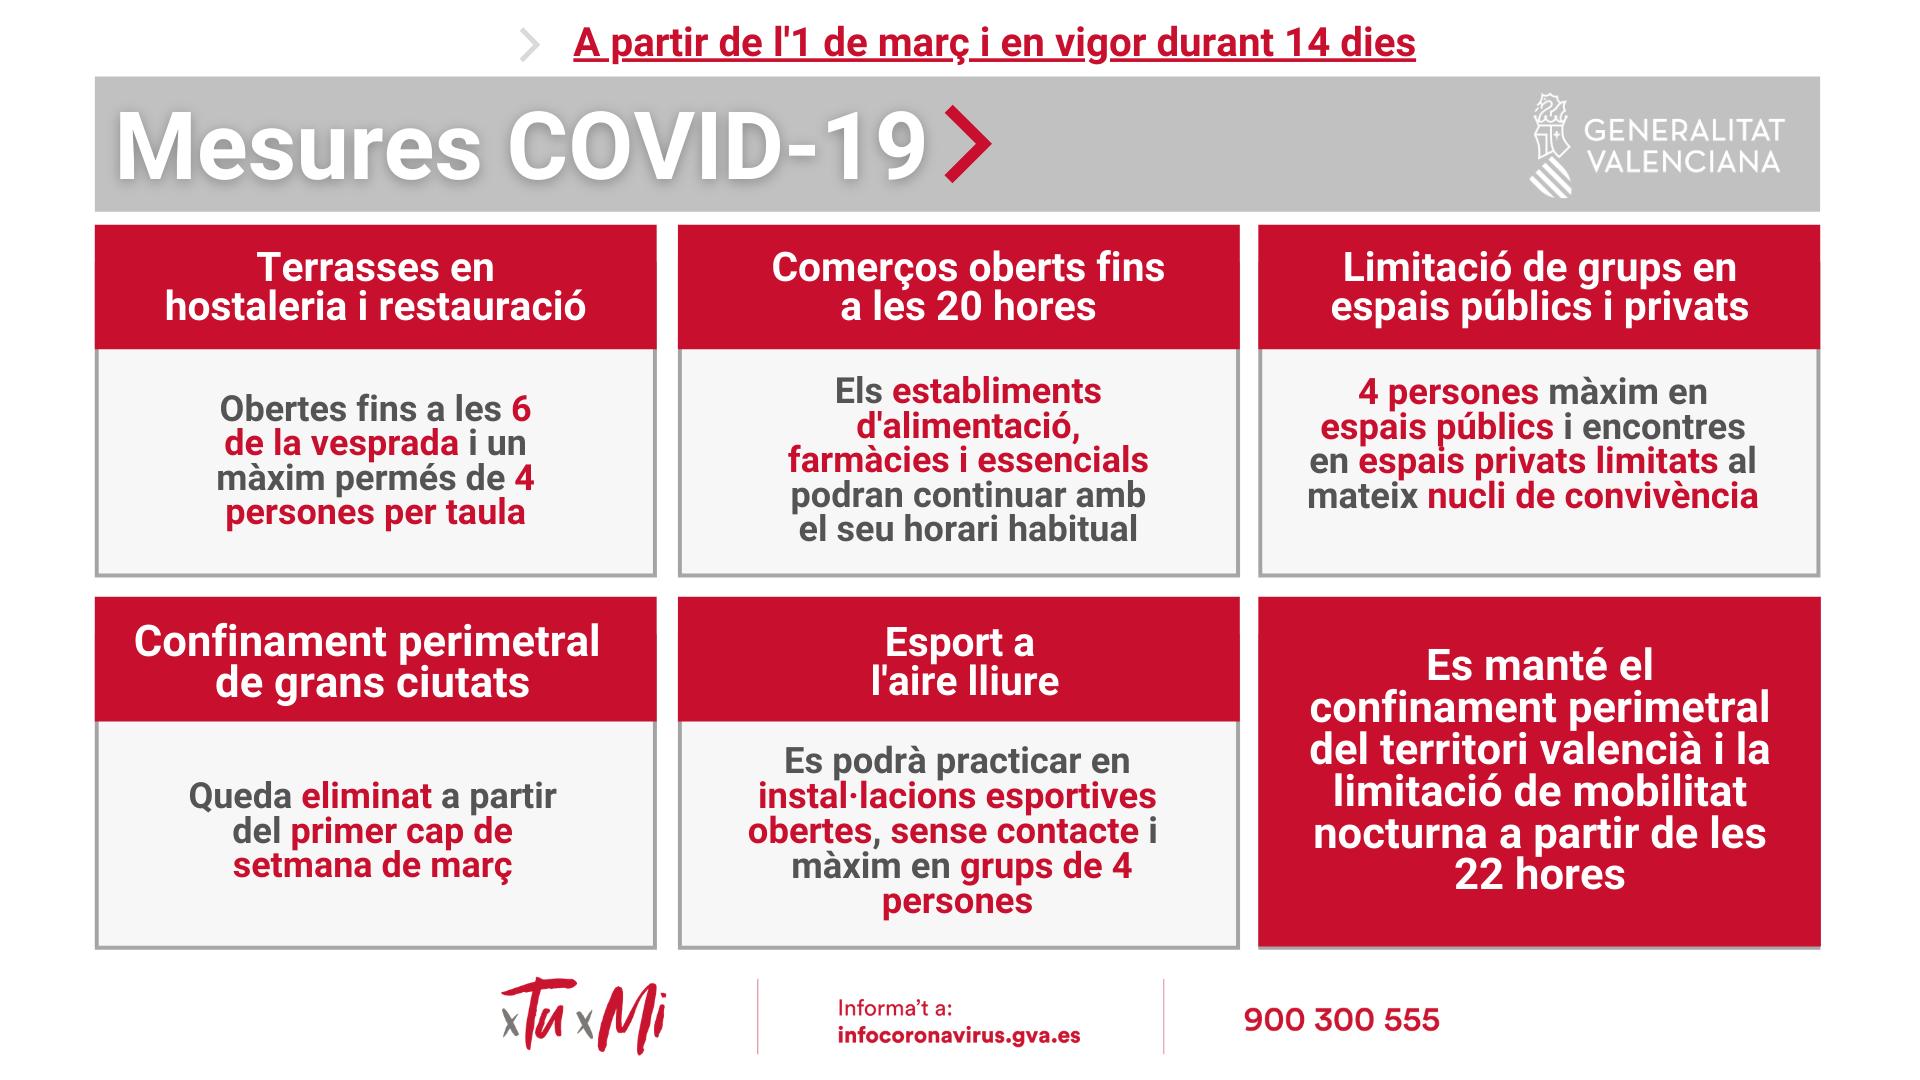 Mesures #COVID19 de la Generalitat Valenciana